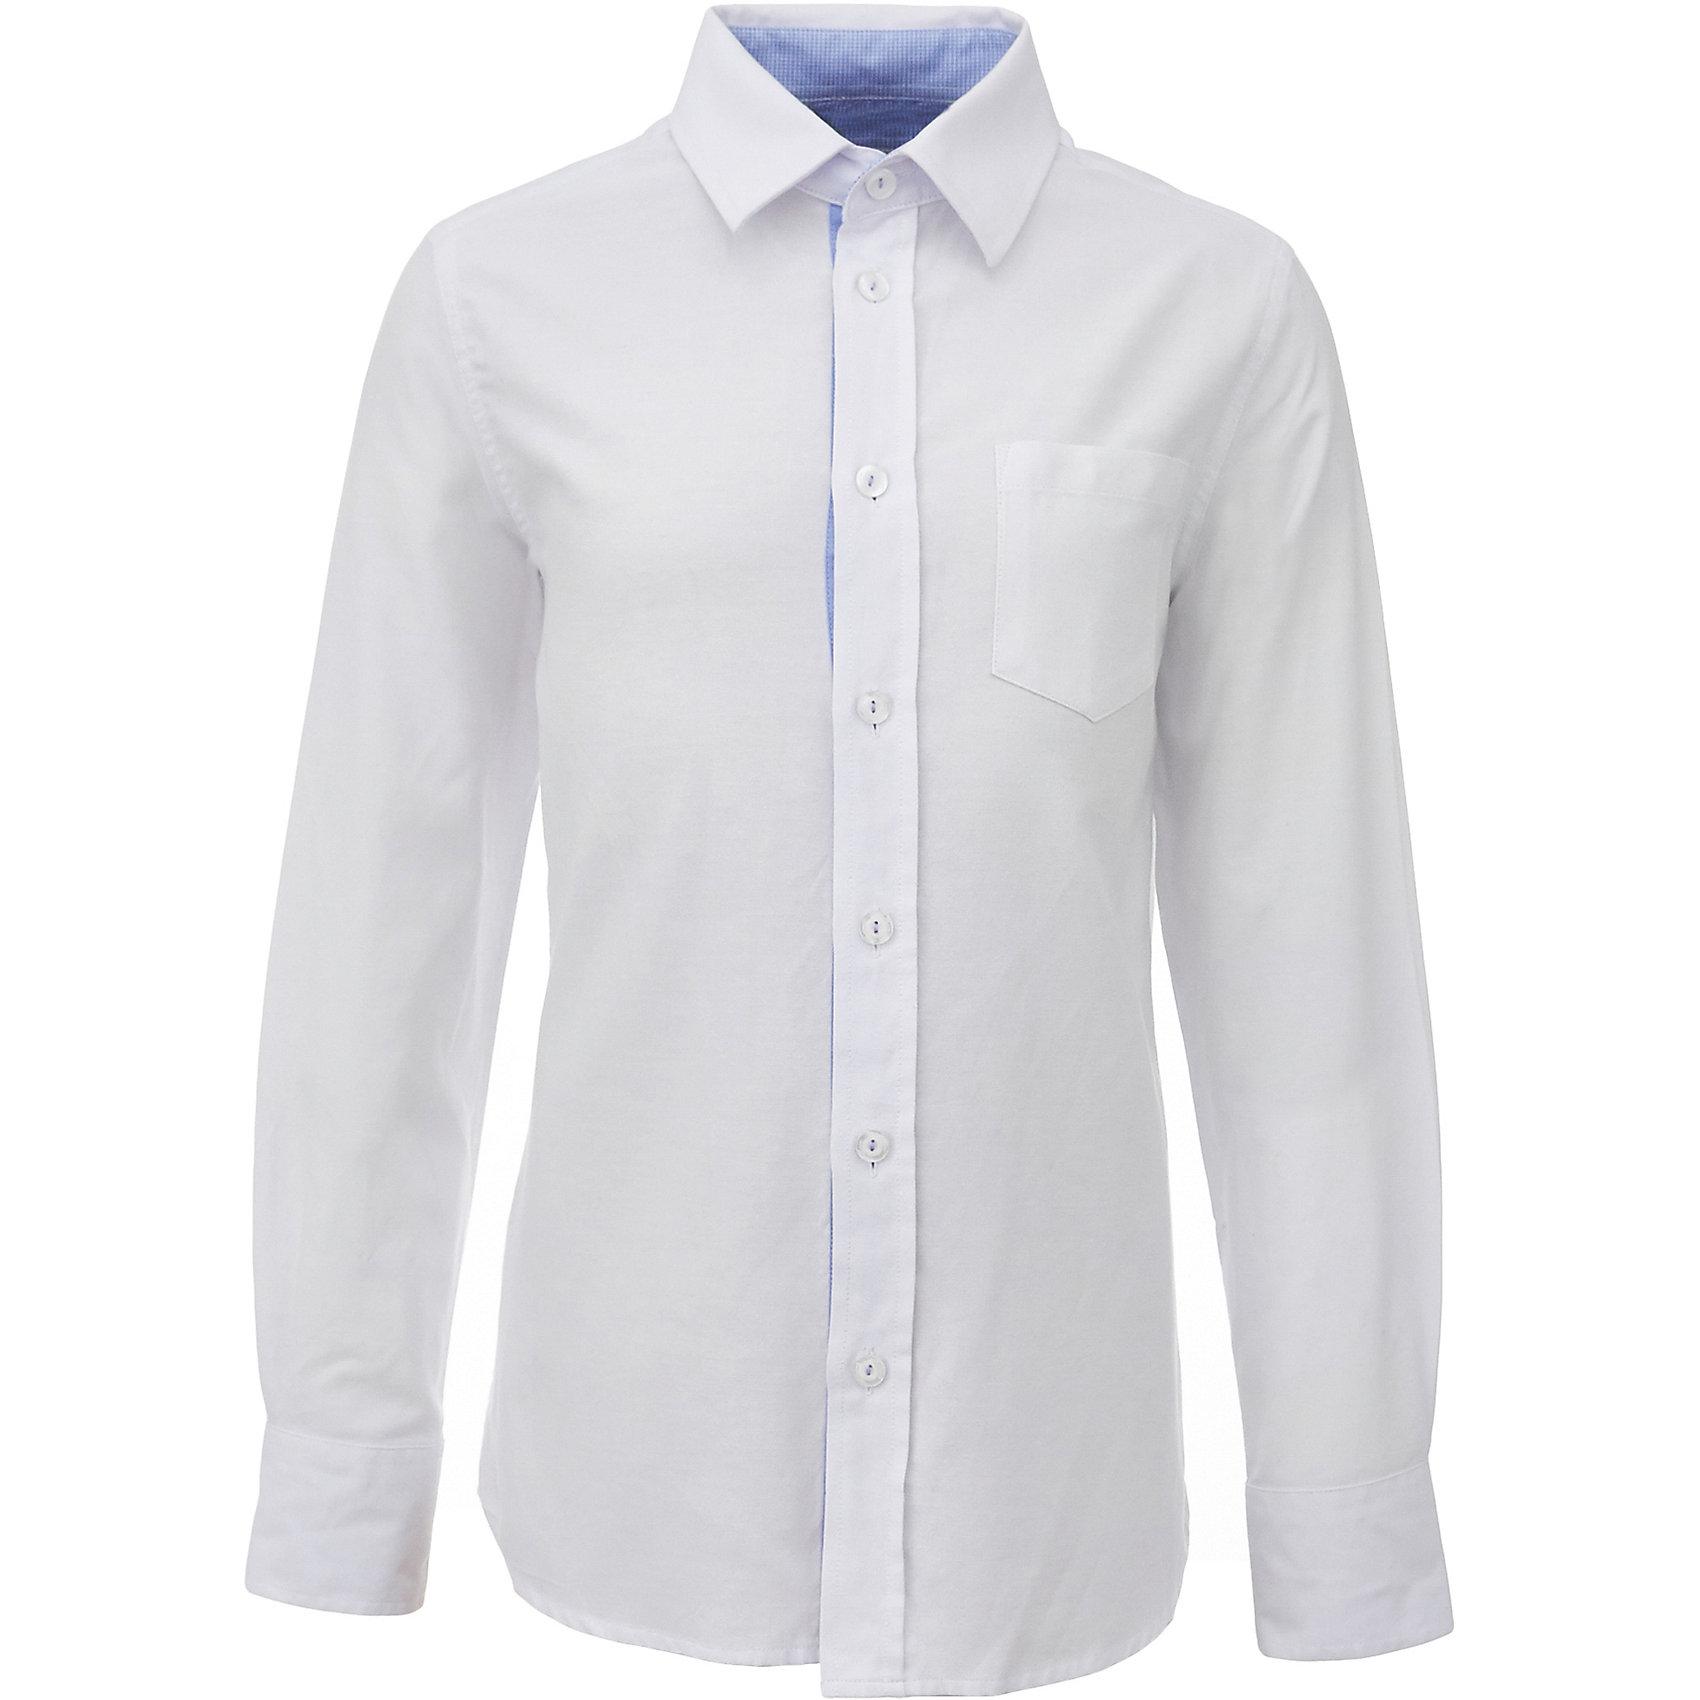 Рубашка для мальчика GulliverБлузки и рубашки<br>Белая школьная рубашка - классика жанра! Строгая, лаконичная, элегантная, белая рубашка для школы настроит на серьезный и ответственный подход к делу. Хороший состав, качество и текстура ткани, модный силуэт, актуальная форма воротника делают рубашку отличным решением на каждый день, позволяющим ребенку чувствовать себя уверенно и достойно. Деликатная отделка: контрастная внутренняя планка и стойка, налокотники и фирменная вышивка на манжете придают модели индивидуальные черты, не нарушая школьного дресс кода. Если вы хотите купить рубашку для ежедневного комфорта и отличного внешнего вида ребенка, детская рубашка от Gulliver- лучшее решение. Она сделает образ ученика стильным, свежим, интересным.<br>Состав:<br>80% хлопок          20% полиэстер<br><br>Ширина мм: 174<br>Глубина мм: 10<br>Высота мм: 169<br>Вес г: 157<br>Цвет: белый<br>Возраст от месяцев: 168<br>Возраст до месяцев: 180<br>Пол: Мужской<br>Возраст: Детский<br>Размер: 170,122,128,134,140,146,152,158,164<br>SKU: 6678386